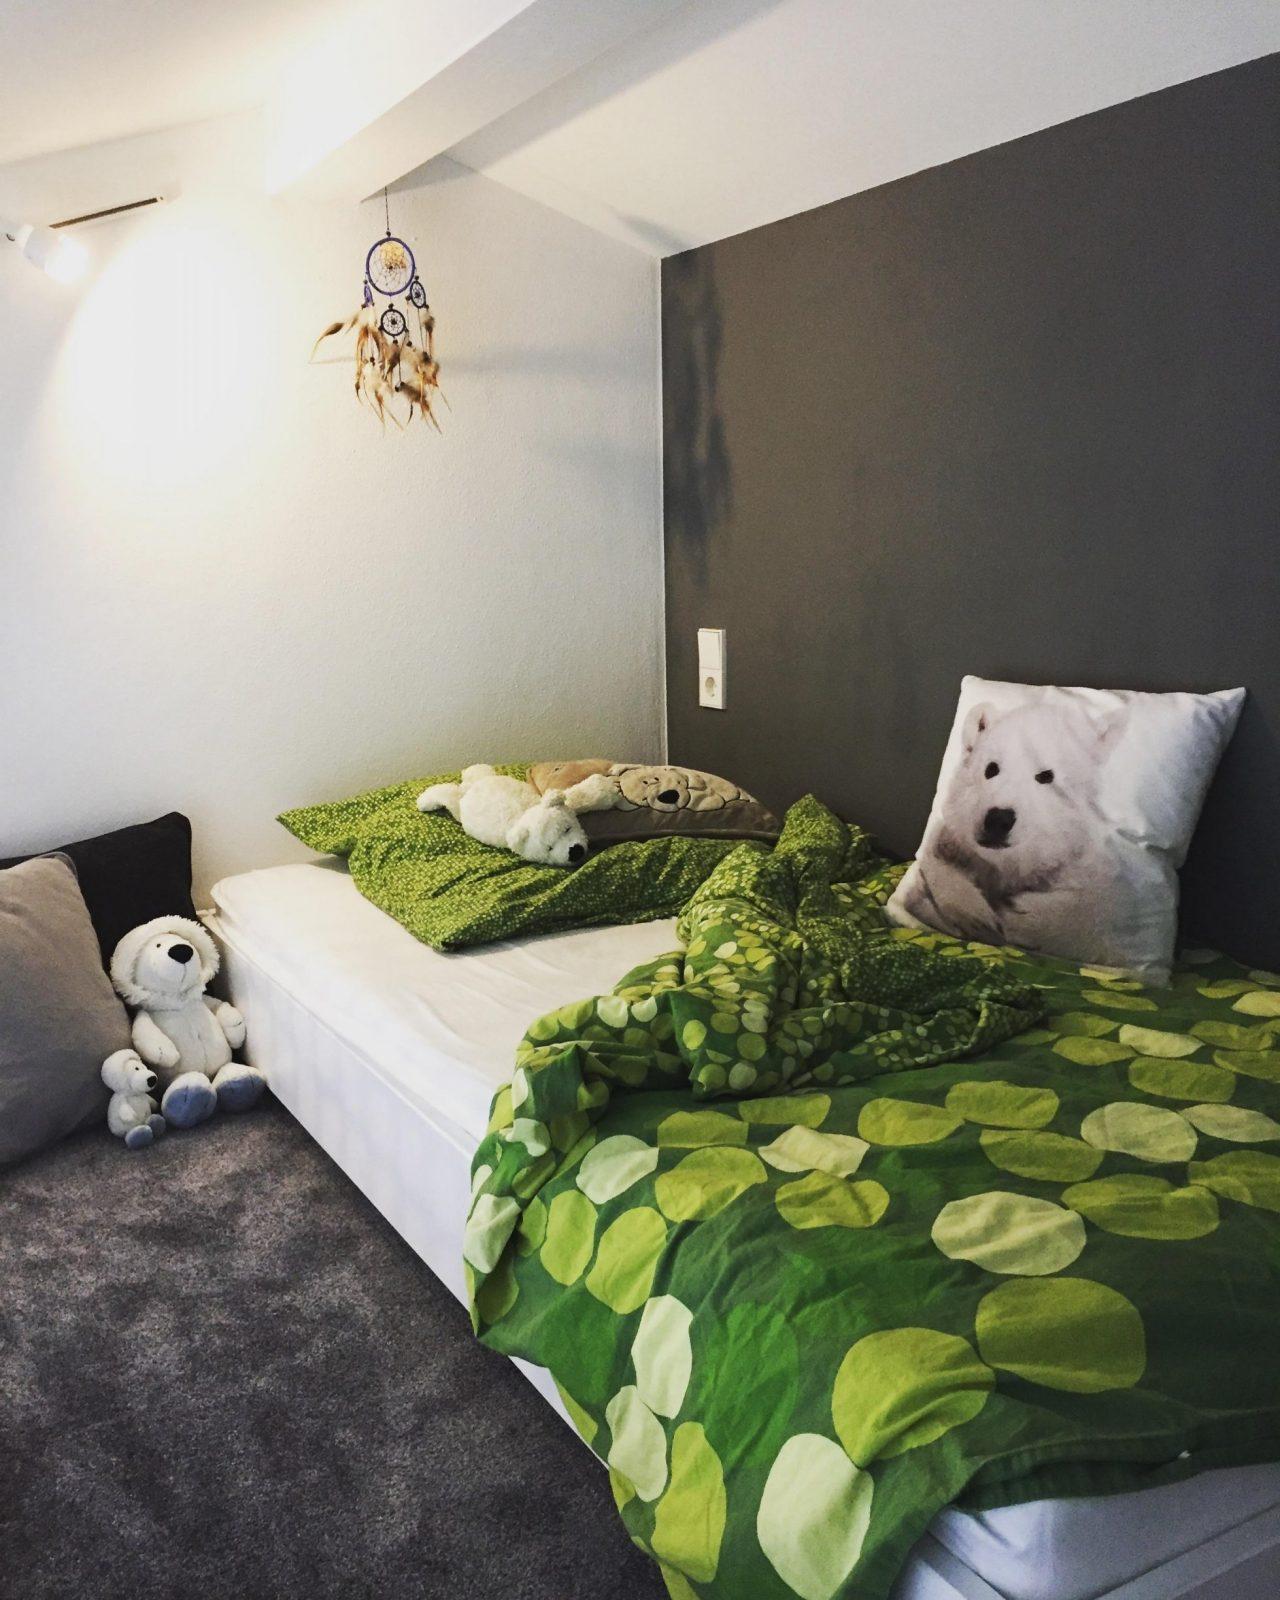 Jugendzimmerideen So Wird Das Kinderzimmer Verwandelt von Jugendzimmer Ideen Für Kleine Zimmer Bild